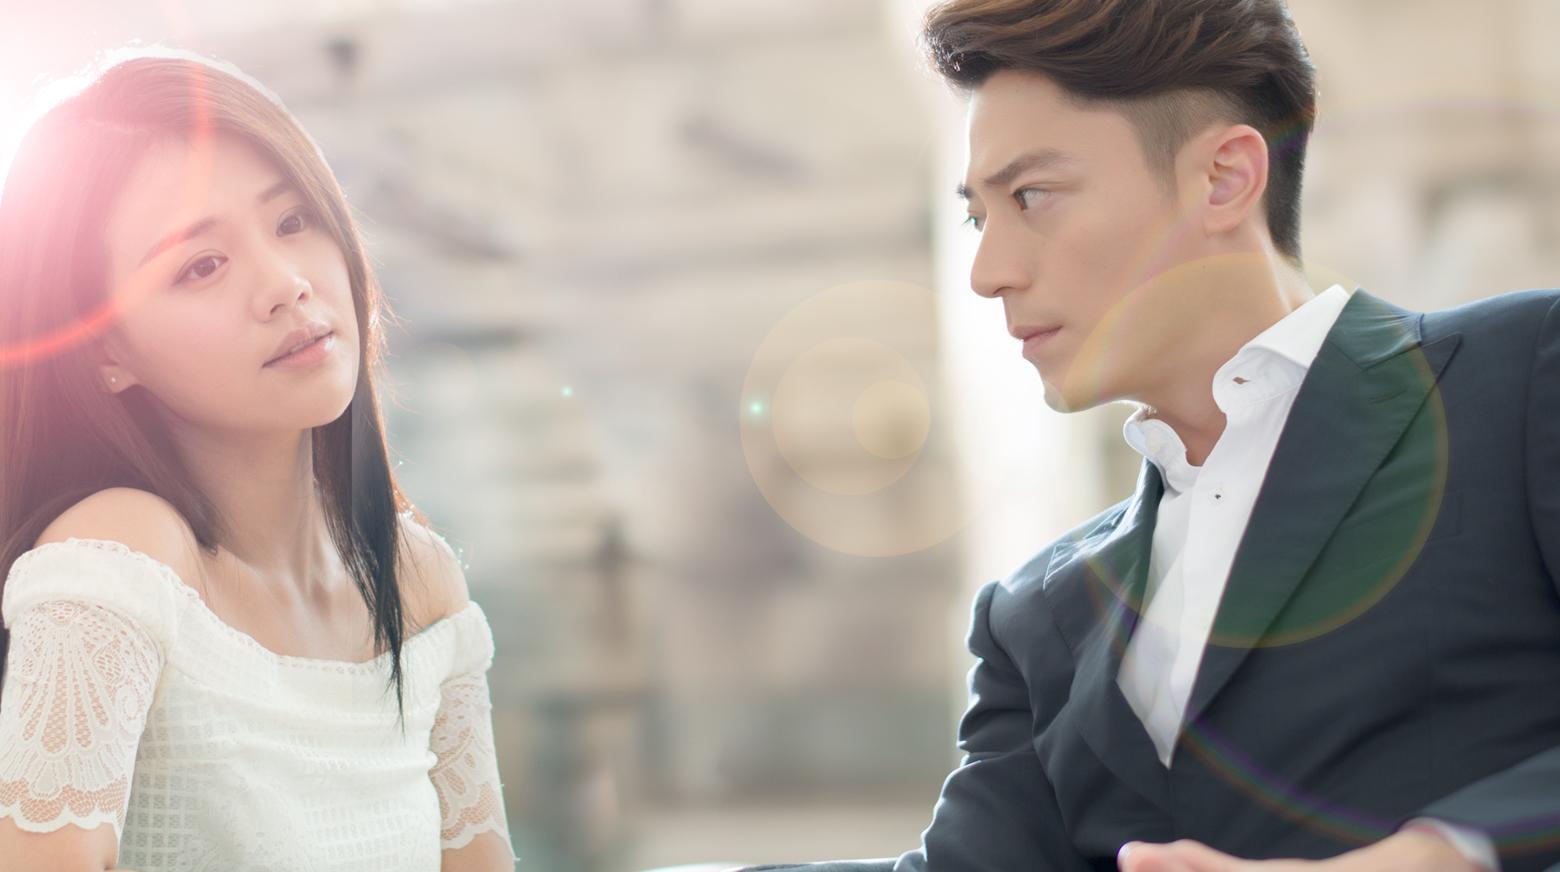 Huo jian hua dating